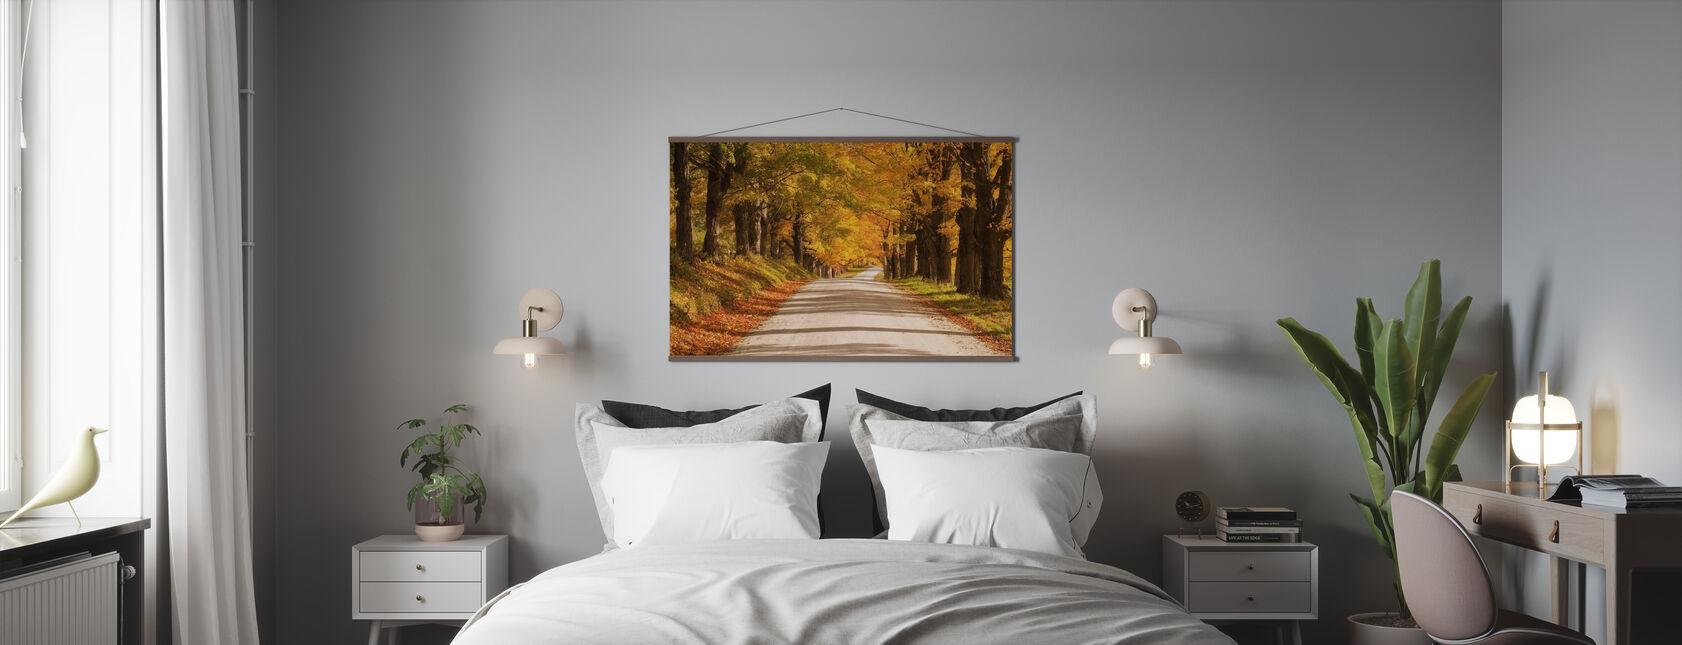 Esdoorn luifel - Poster - Slaapkamer